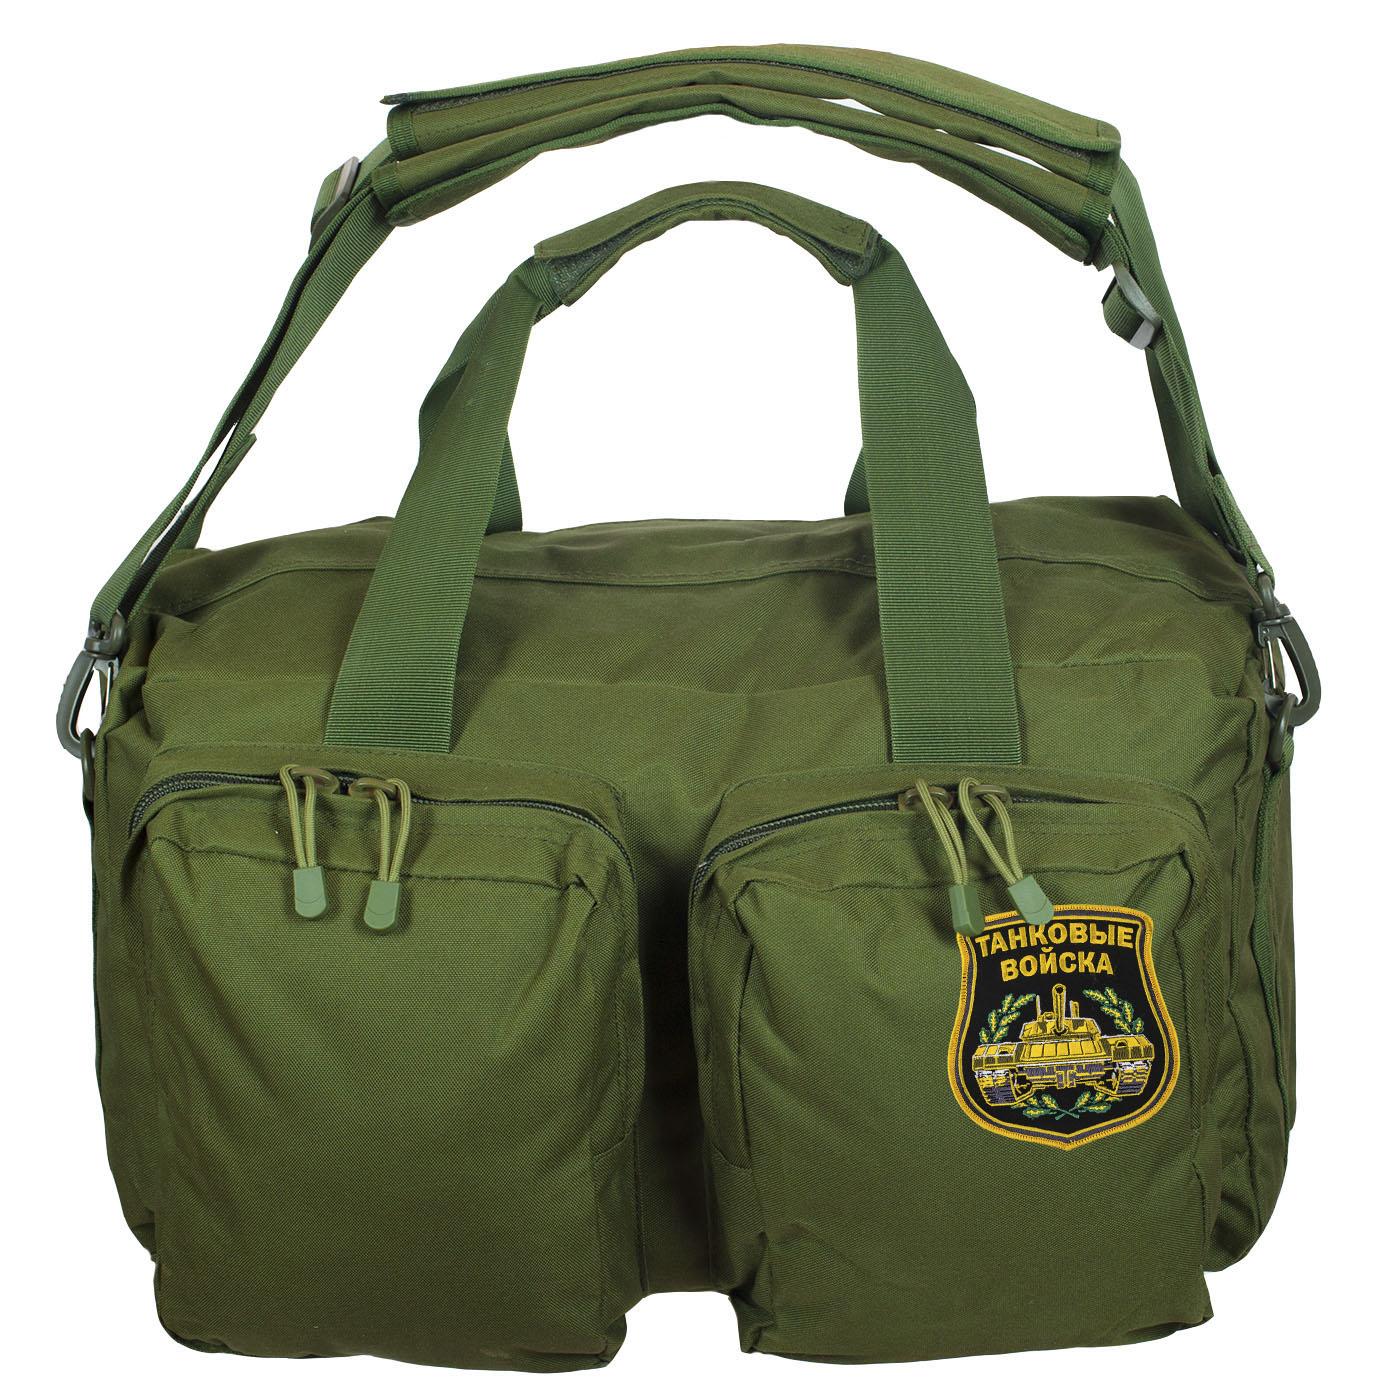 Крутая походная сумка-рюкзак с нашивкой Танковые Войска